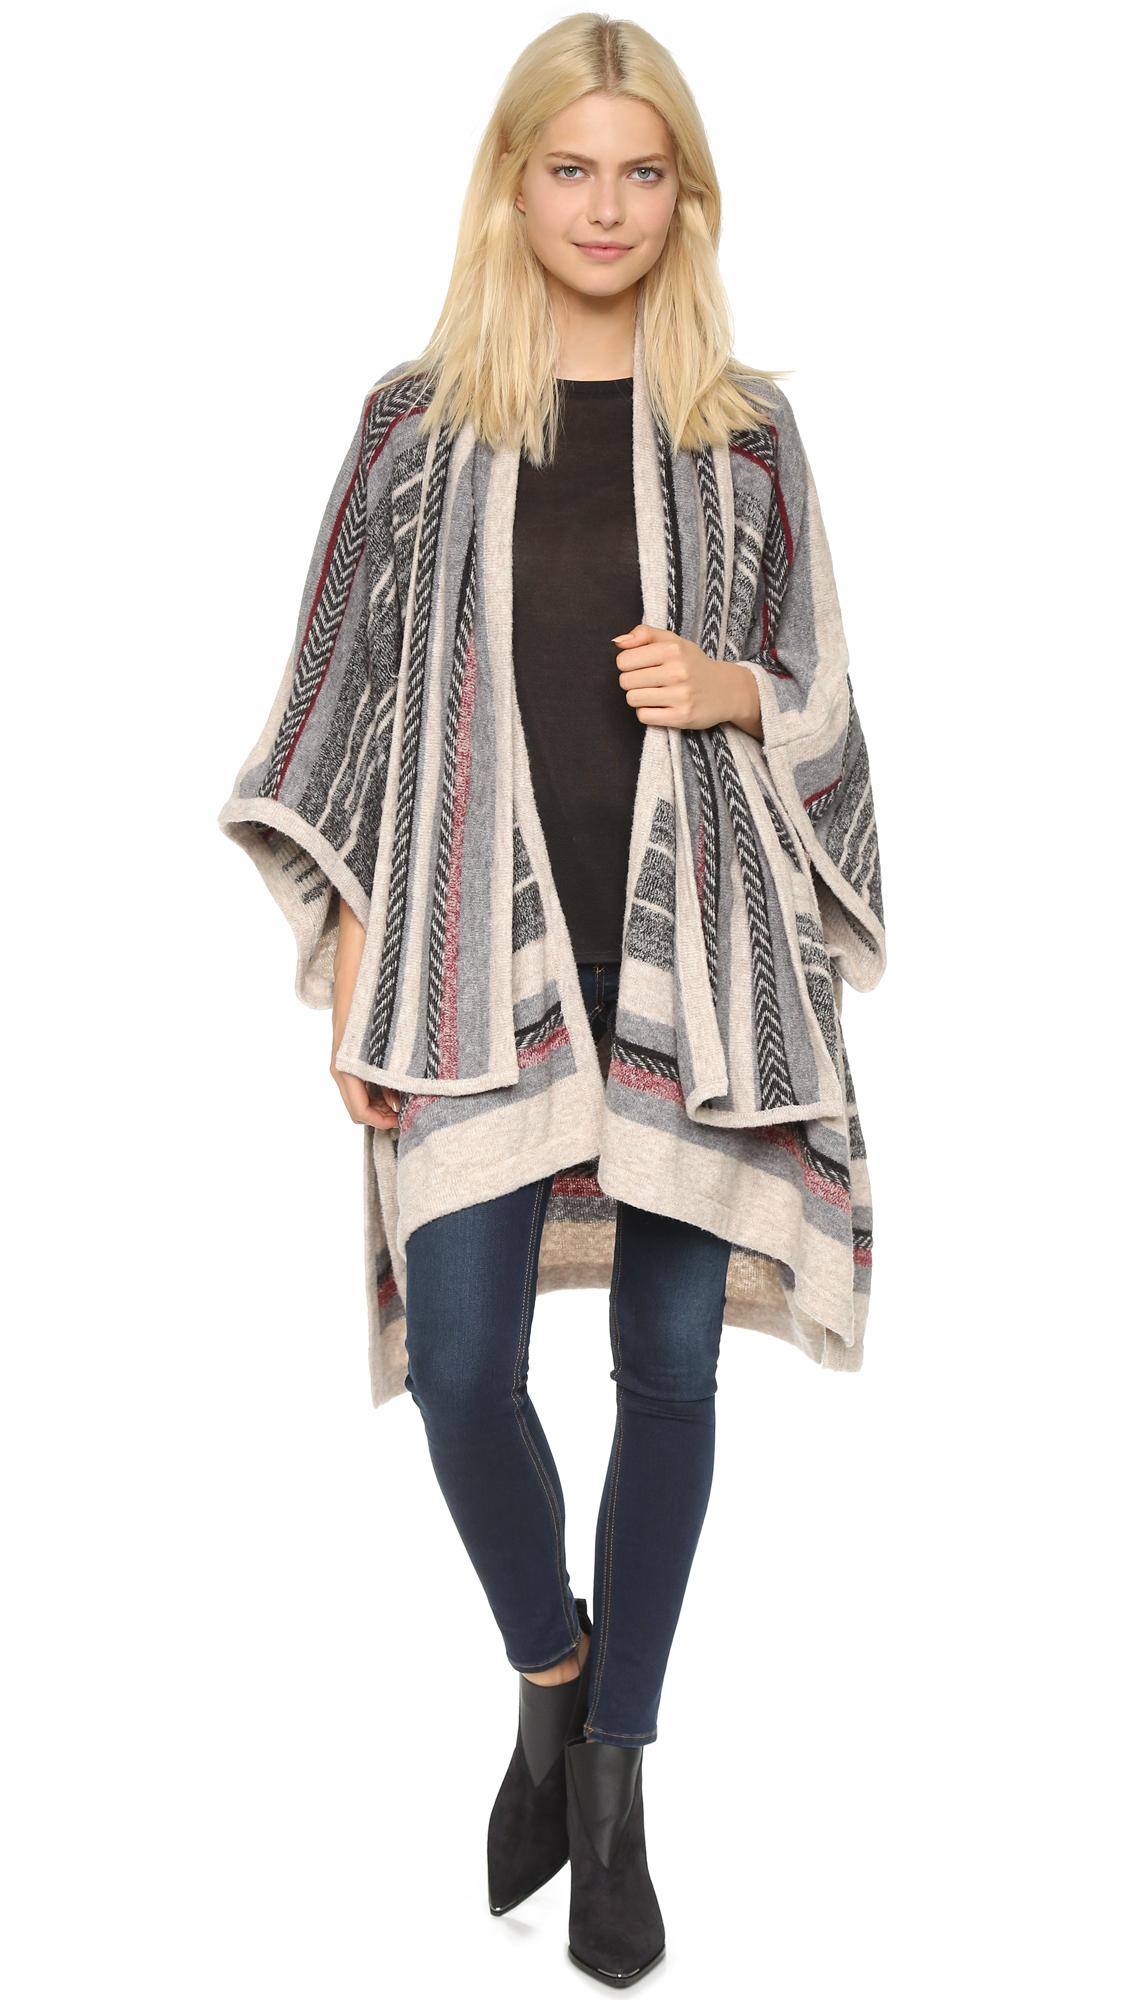 twelfth cynthia vincent scarf poncho in